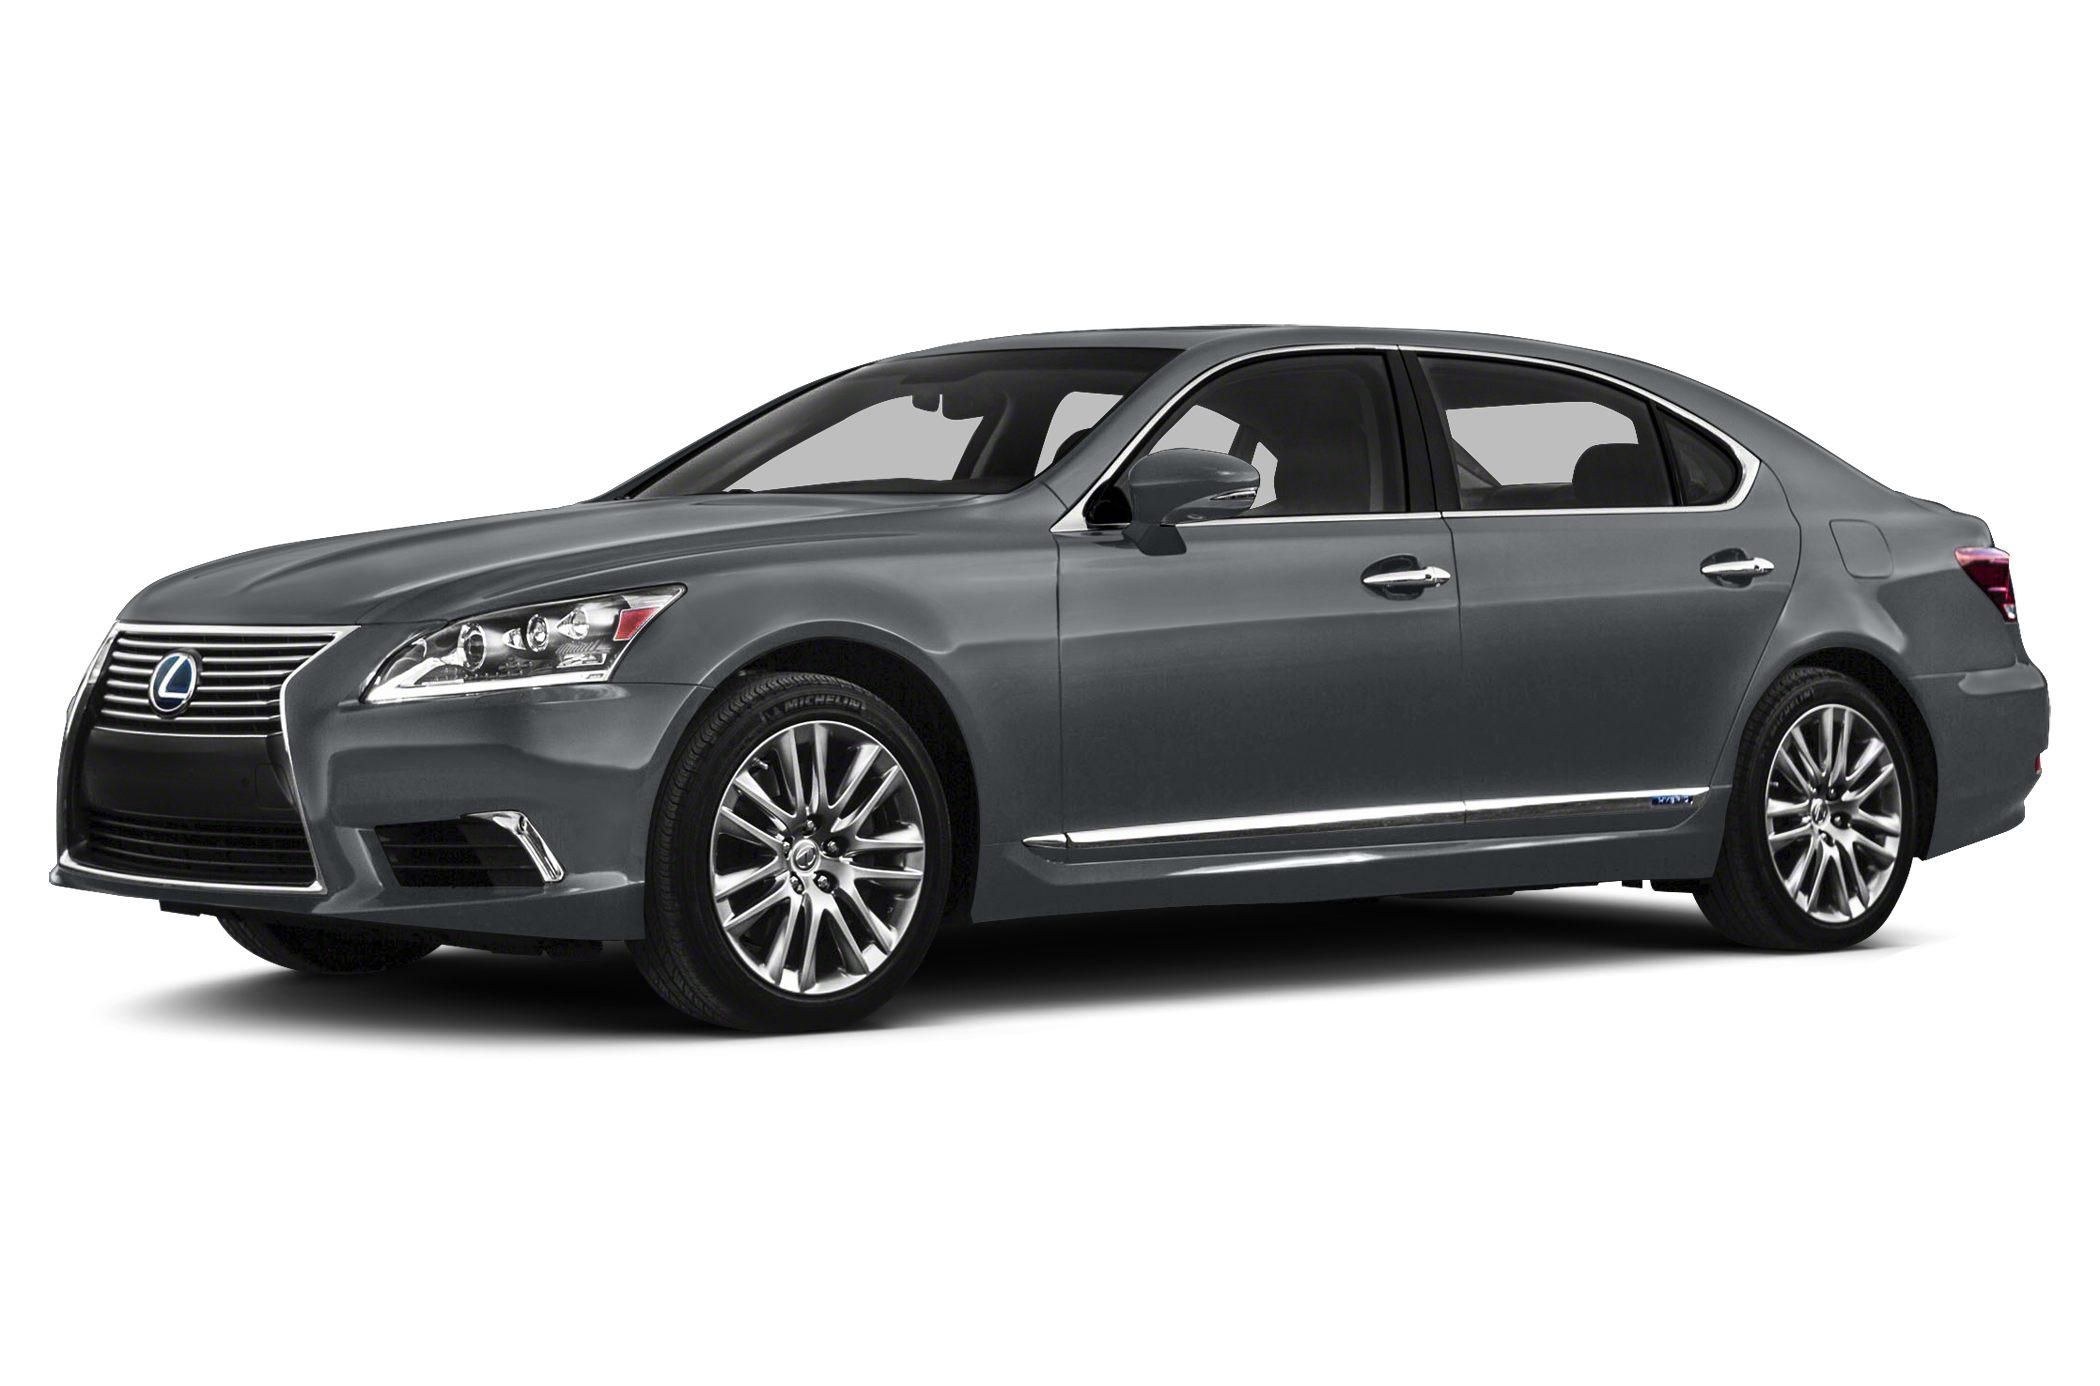 2014 Lexus LS 600h